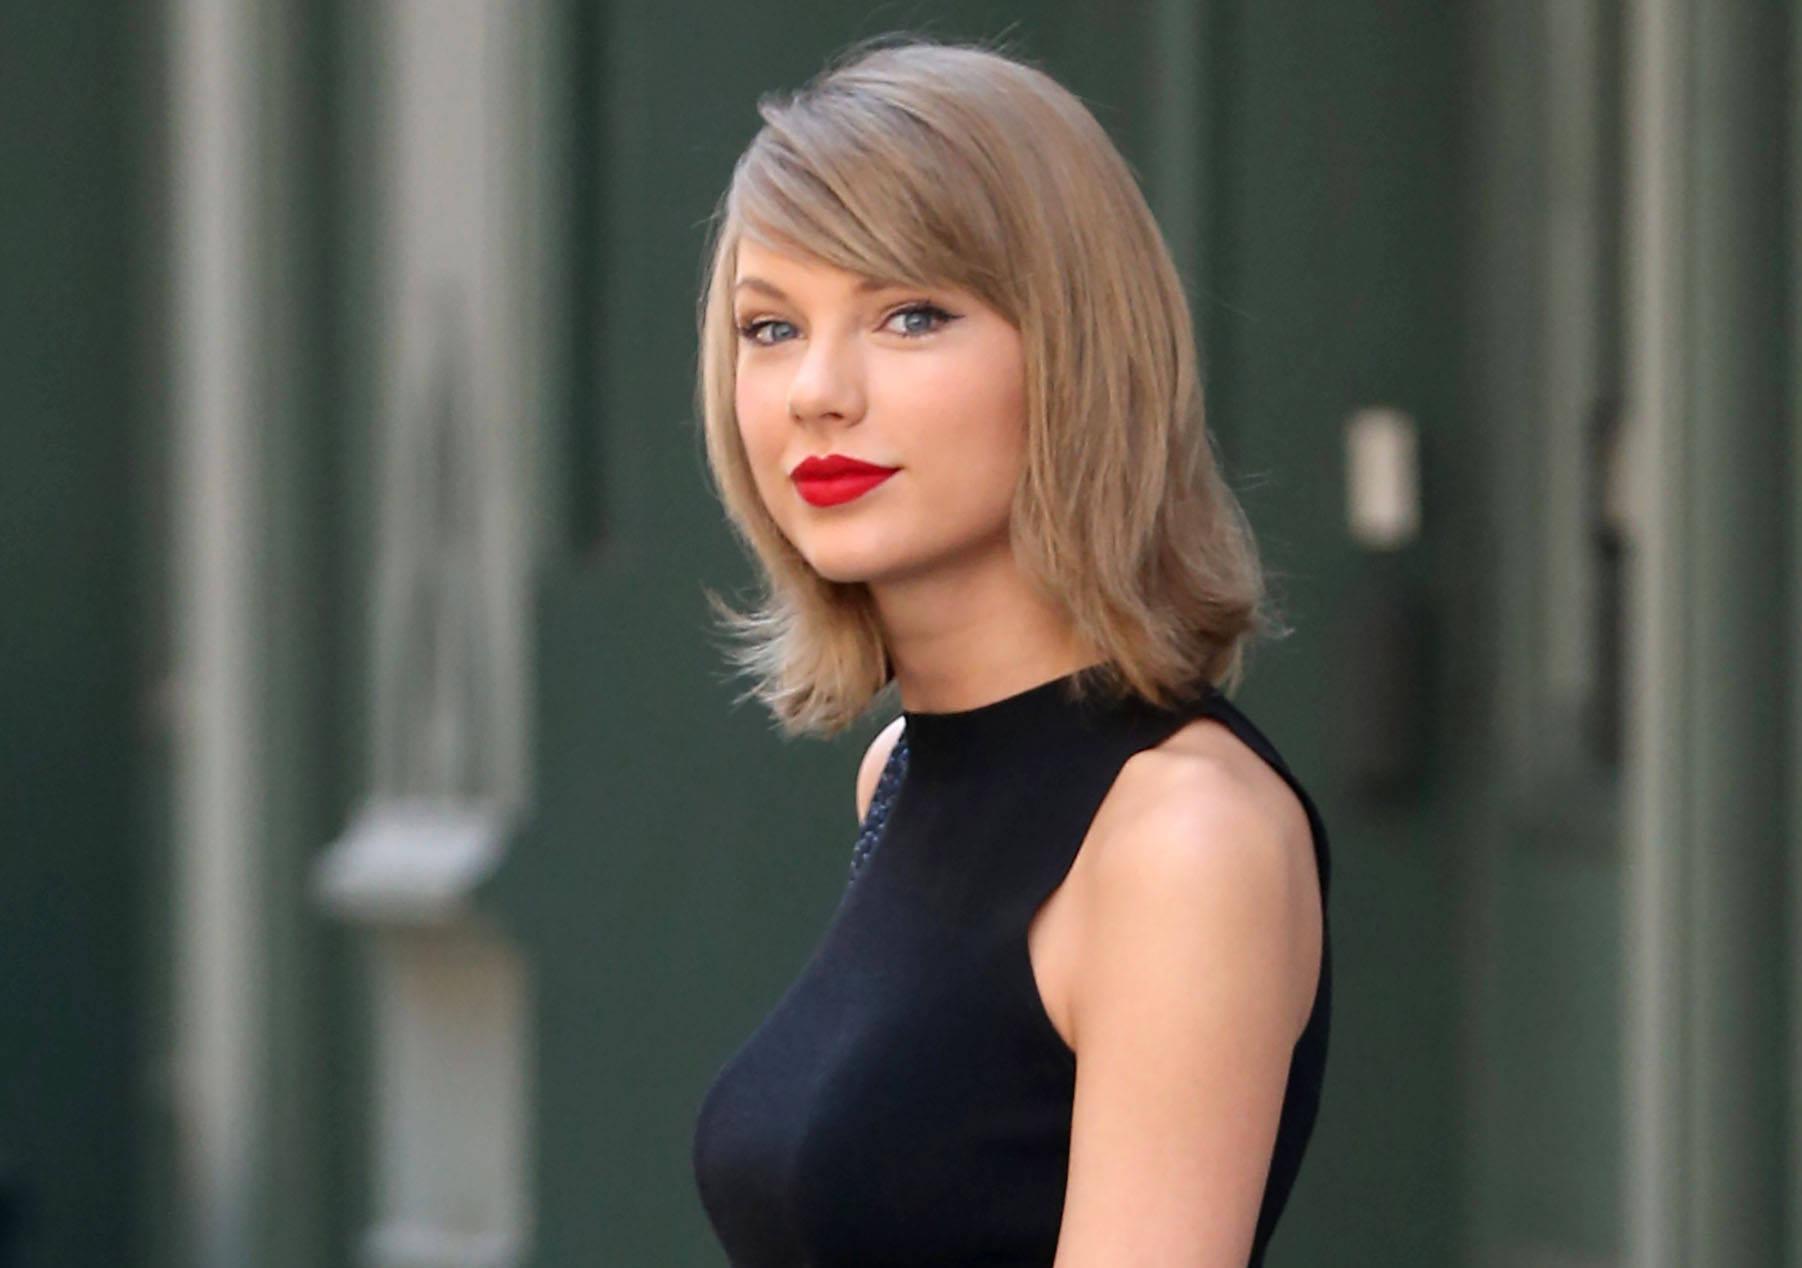 Blowjob taylor swift Taylor Swift